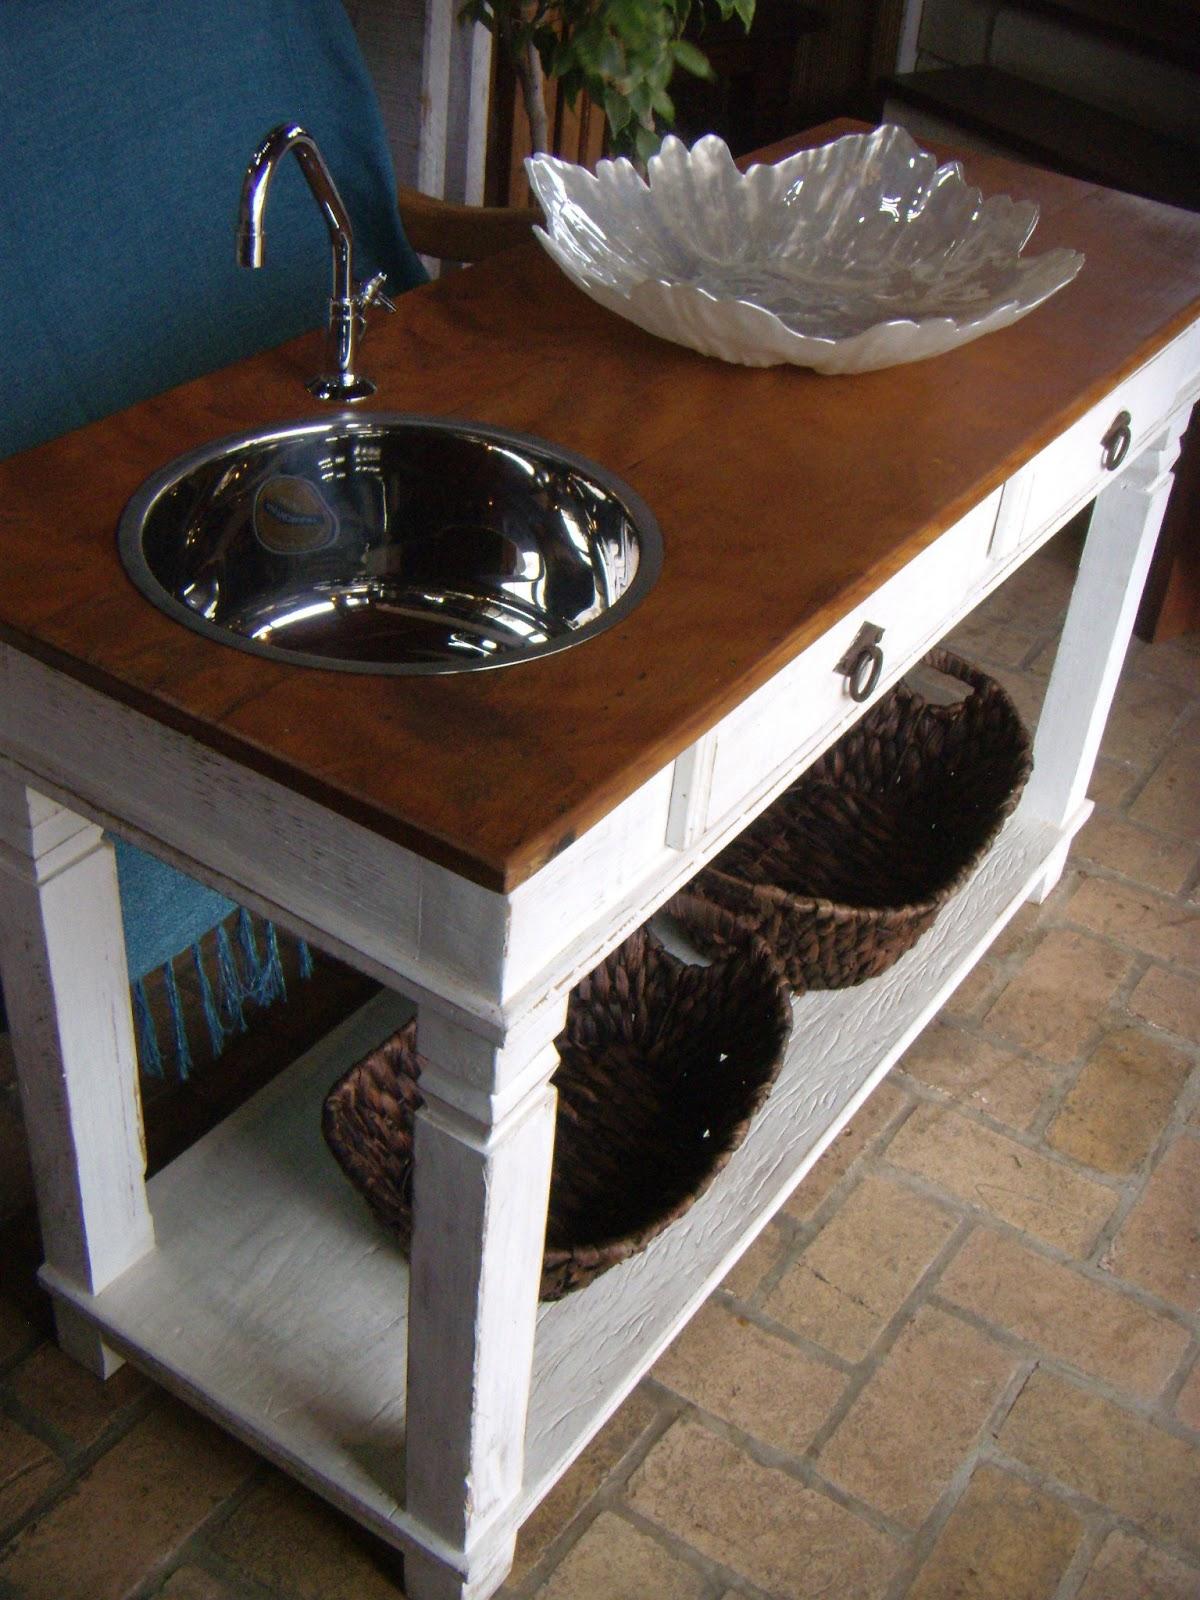 Roca móveis e decoração: Aparador com Cuba Inox Lounge Café. #264359 1200x1600